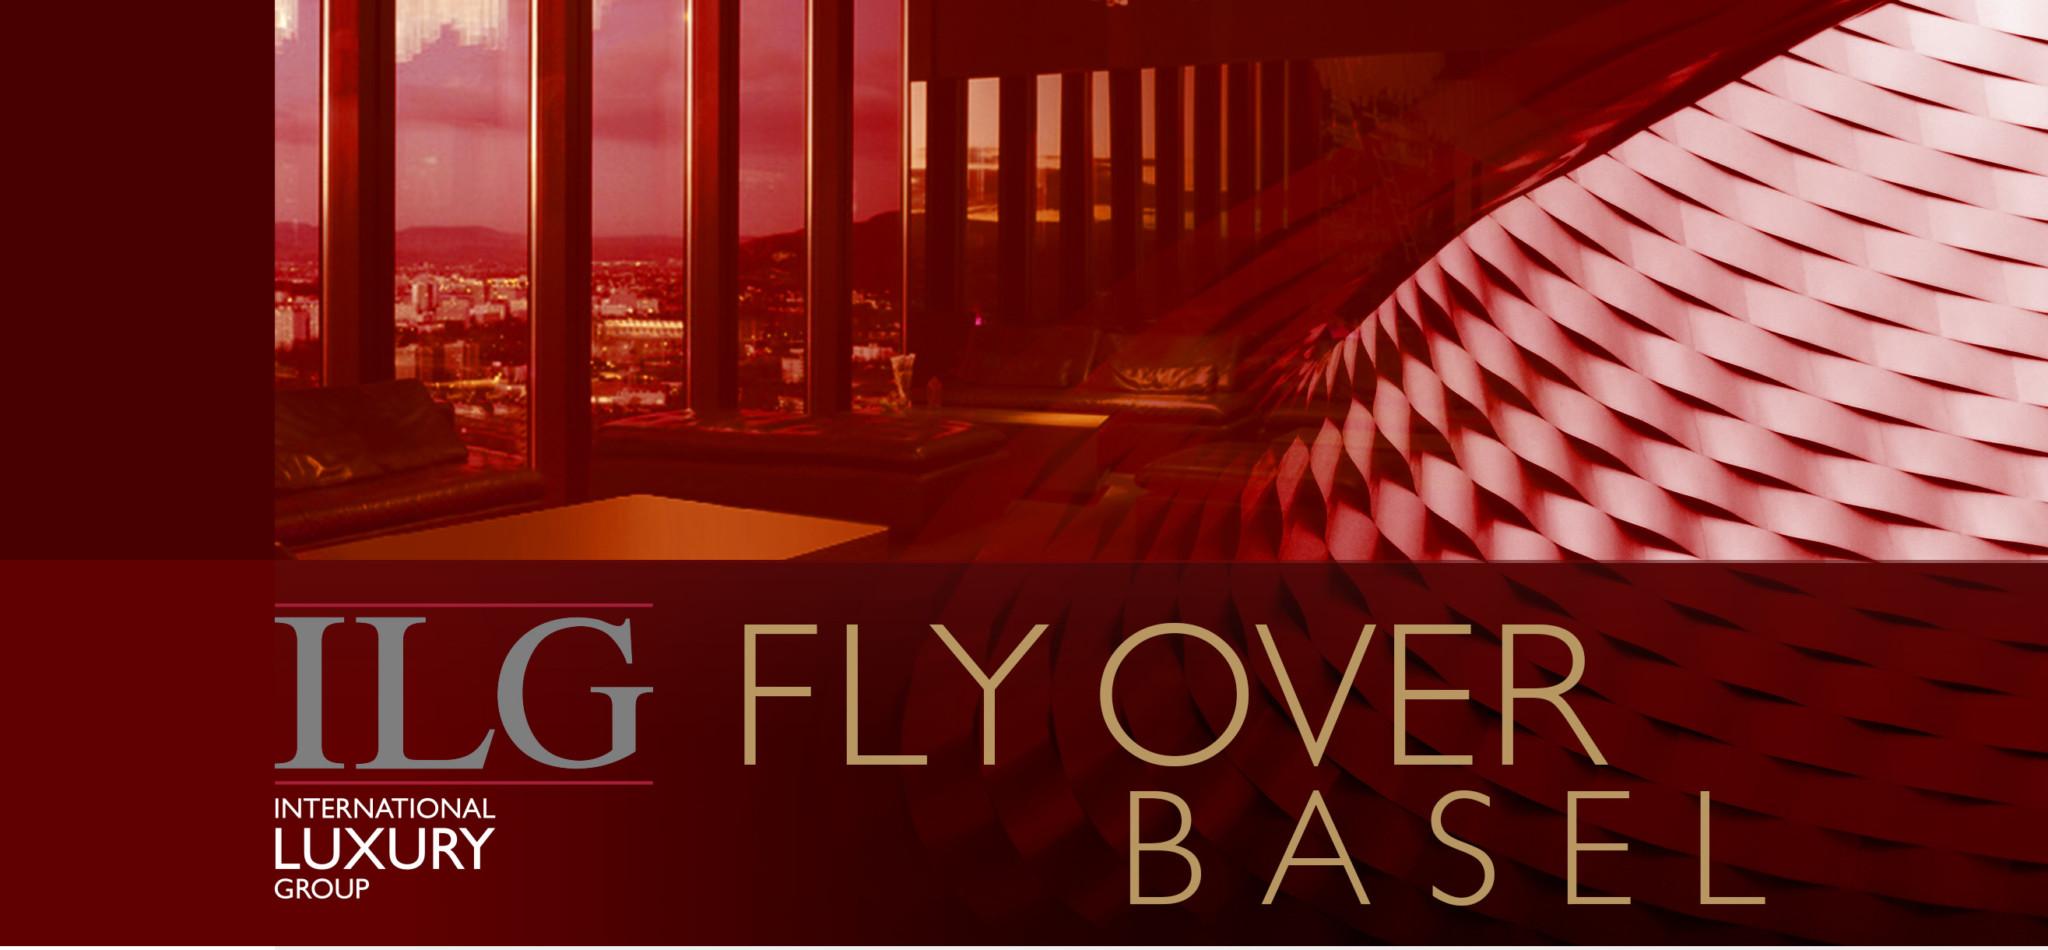 ILG fly over